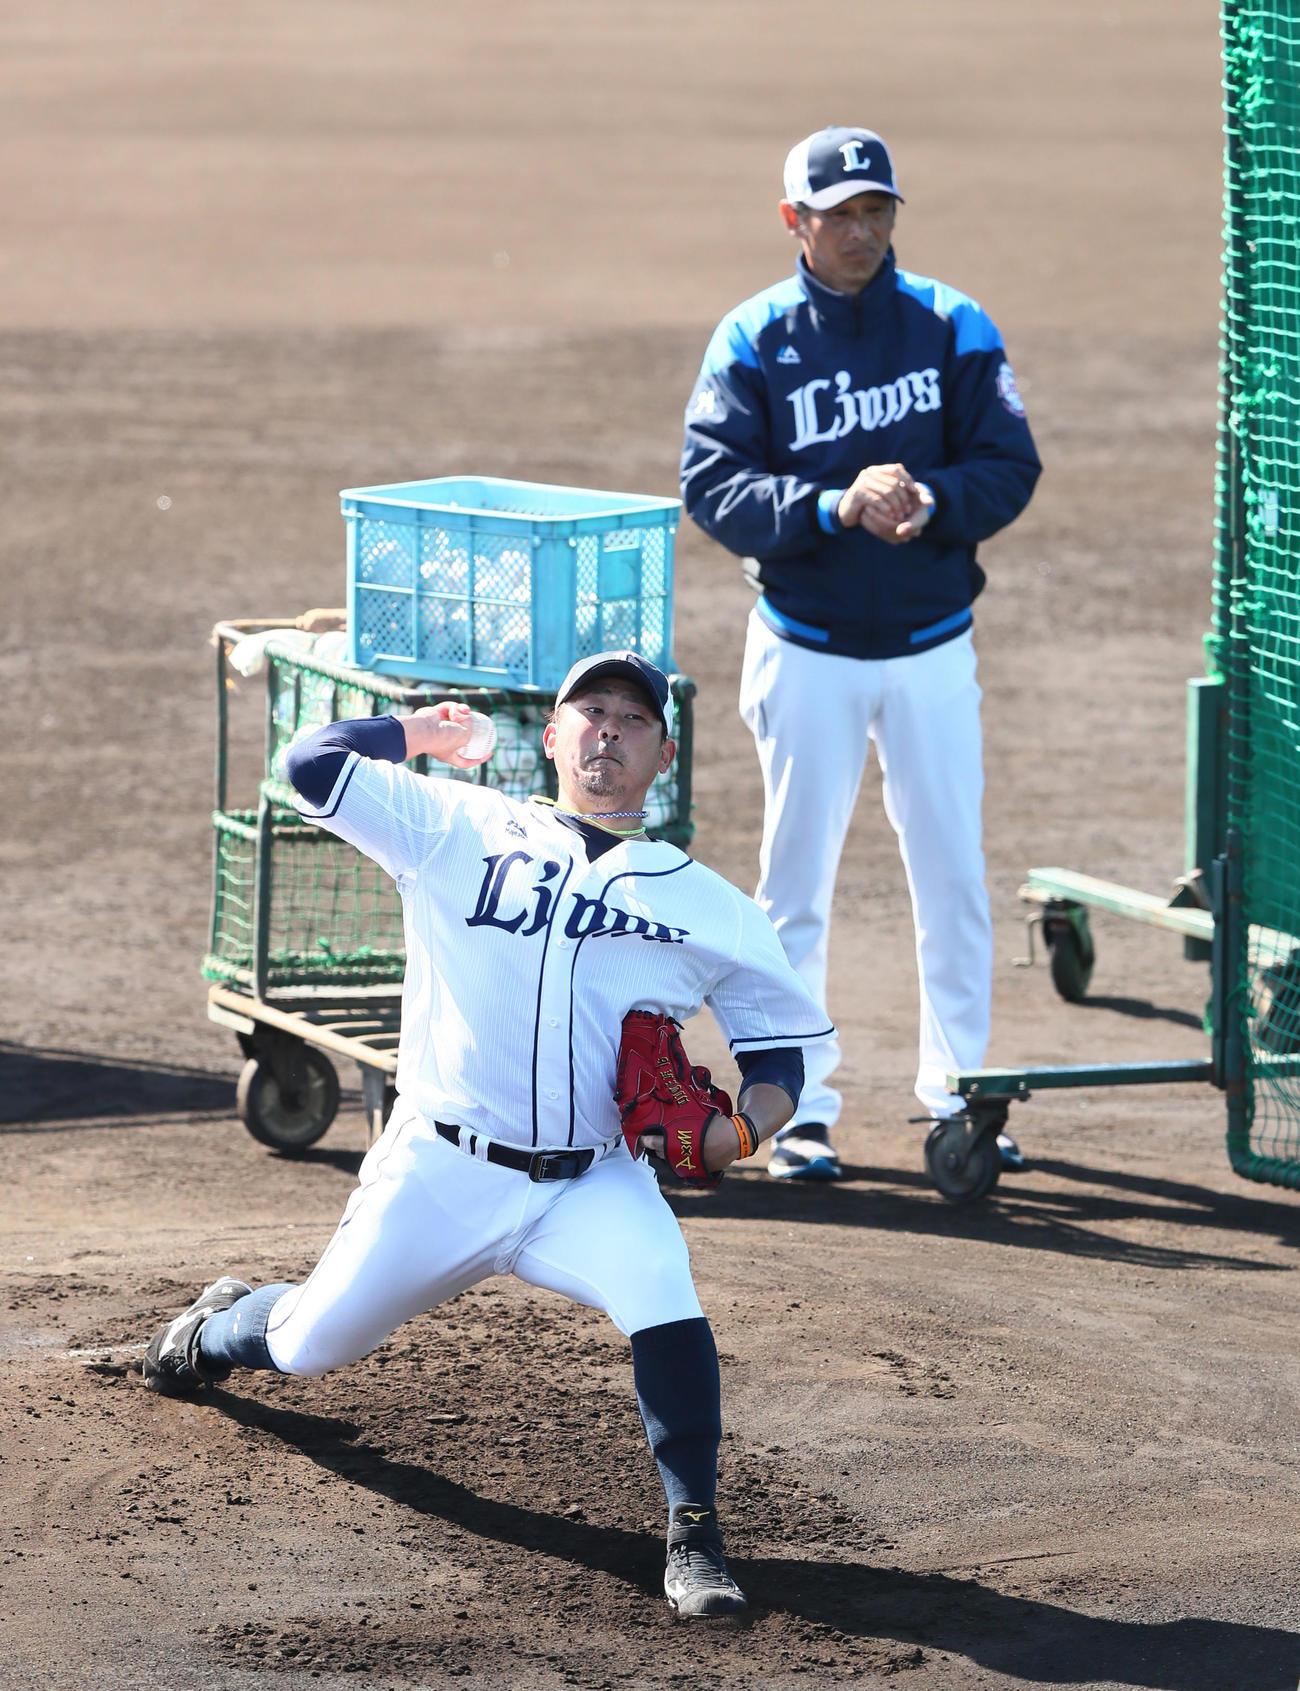 打撃投手を務めた西武松坂。後方は西口コーチ(撮影・足立雅史)